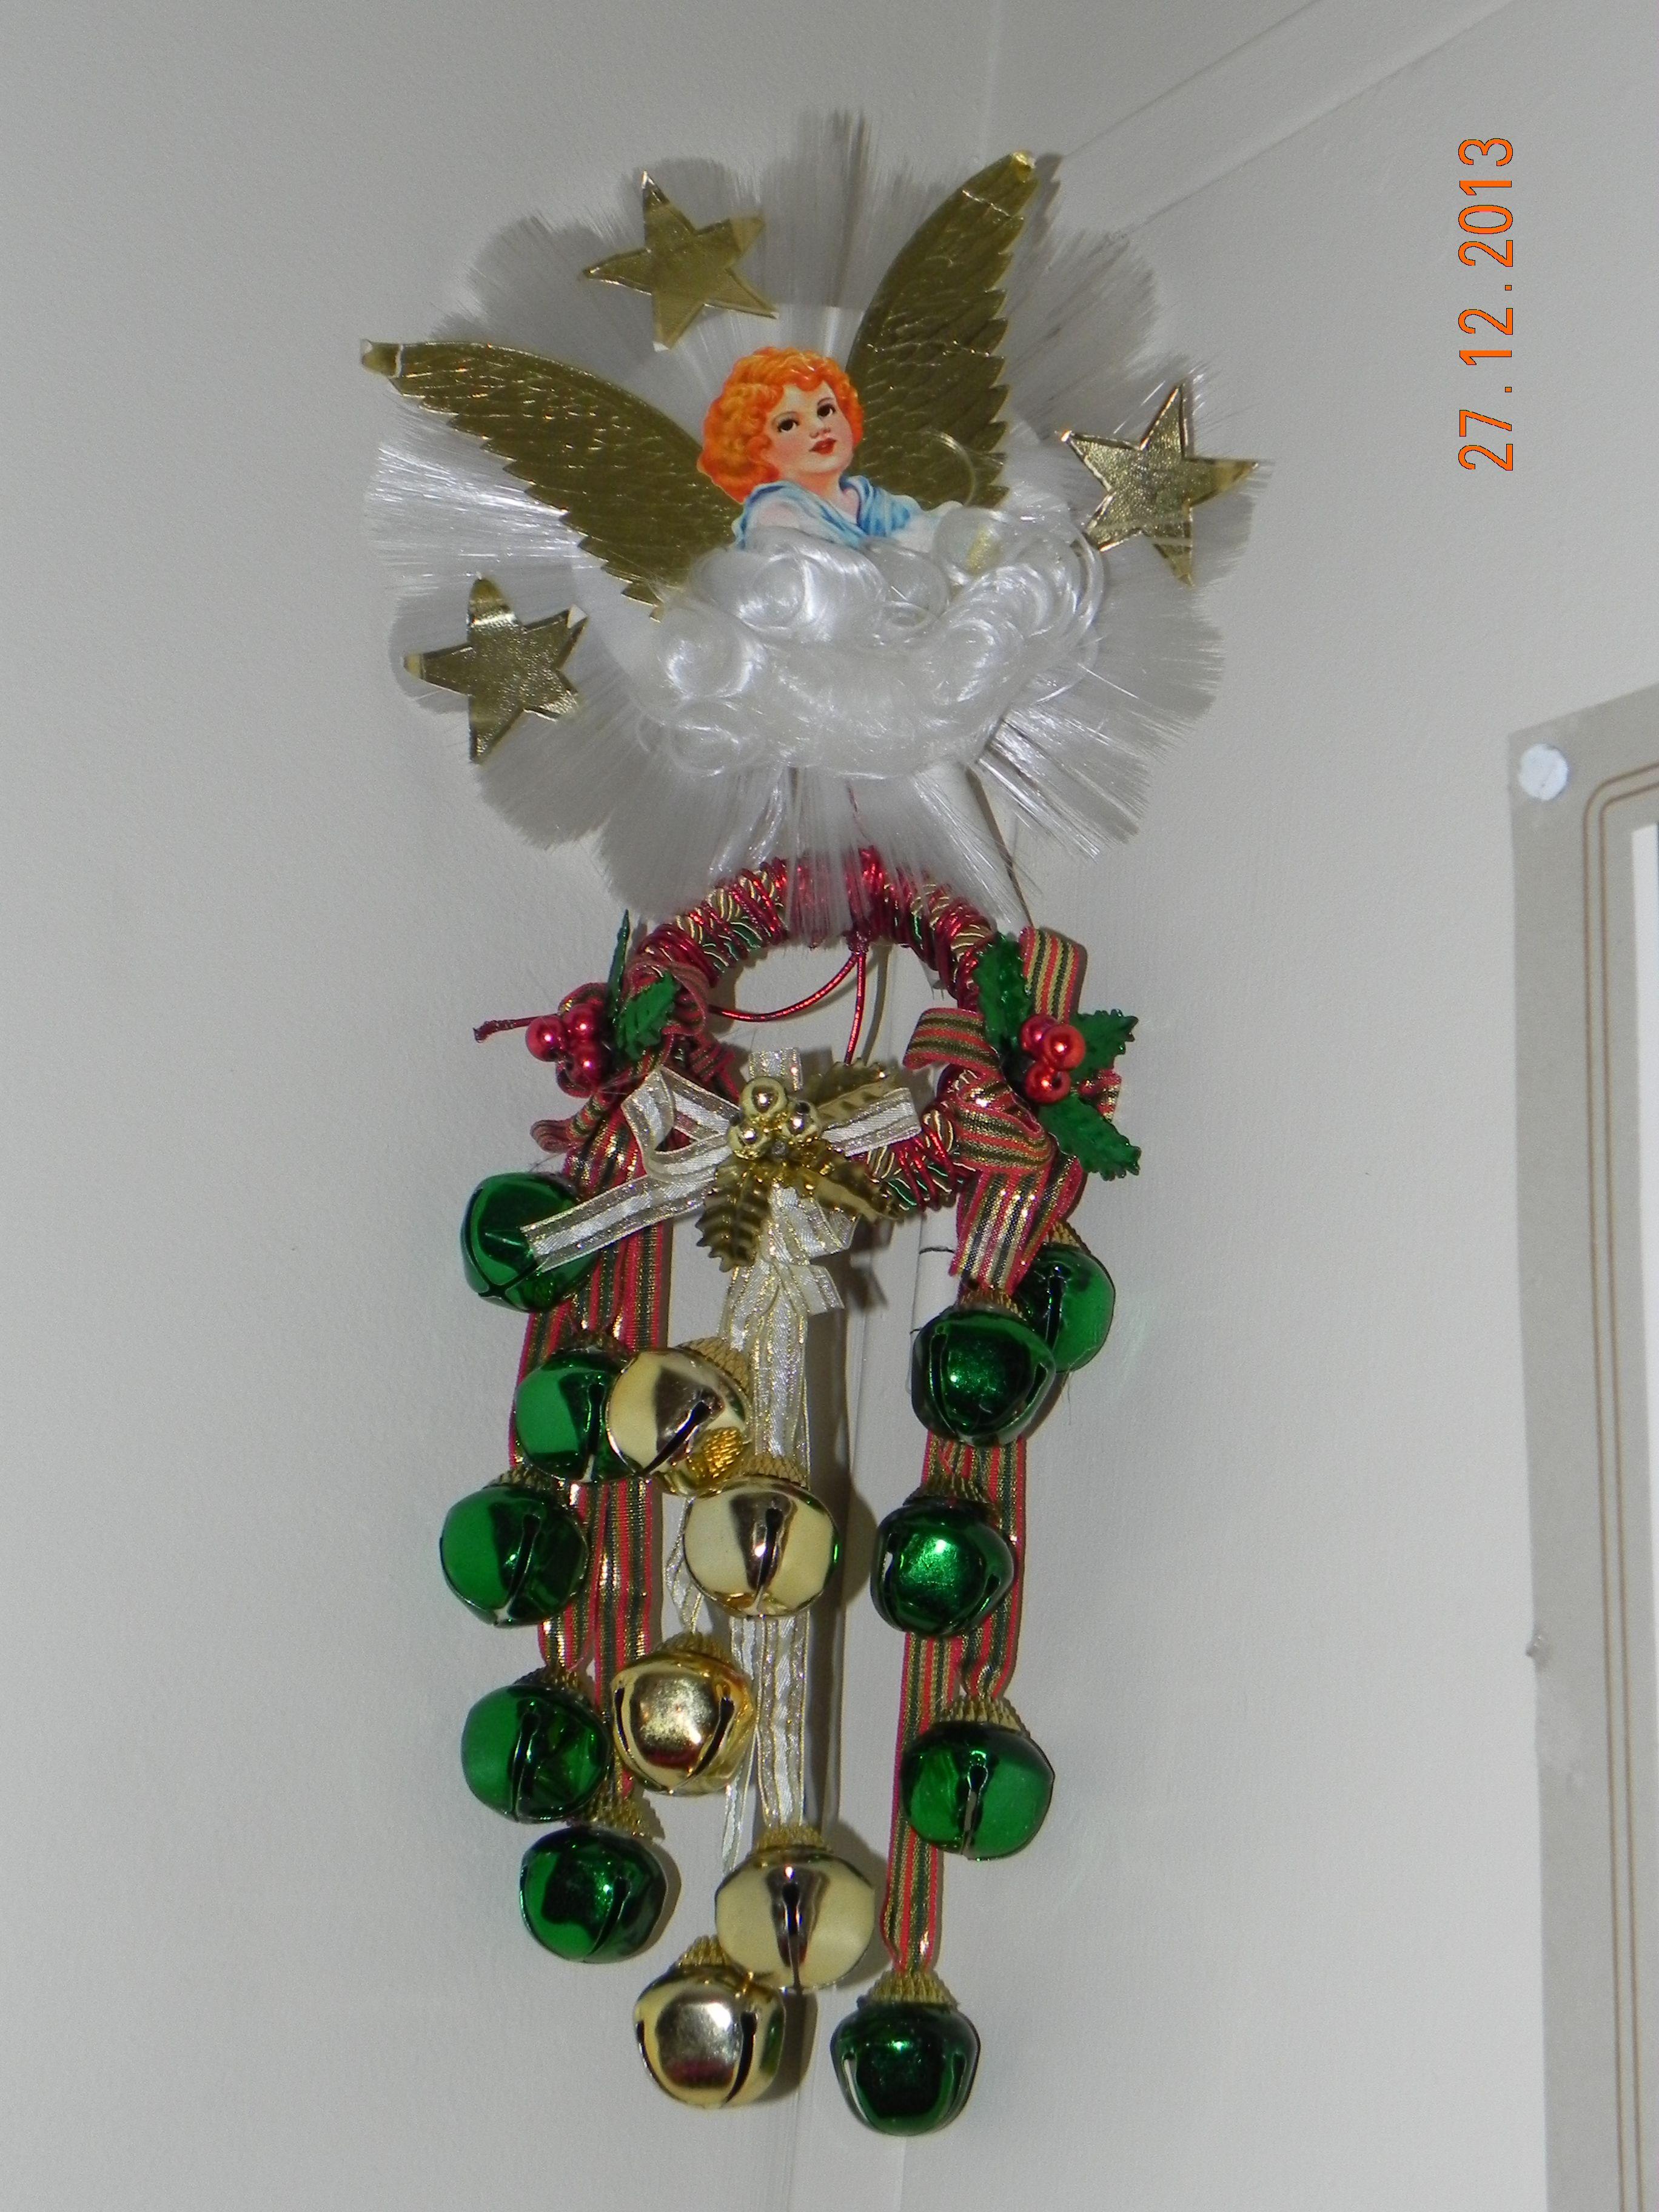 Jingle bells'